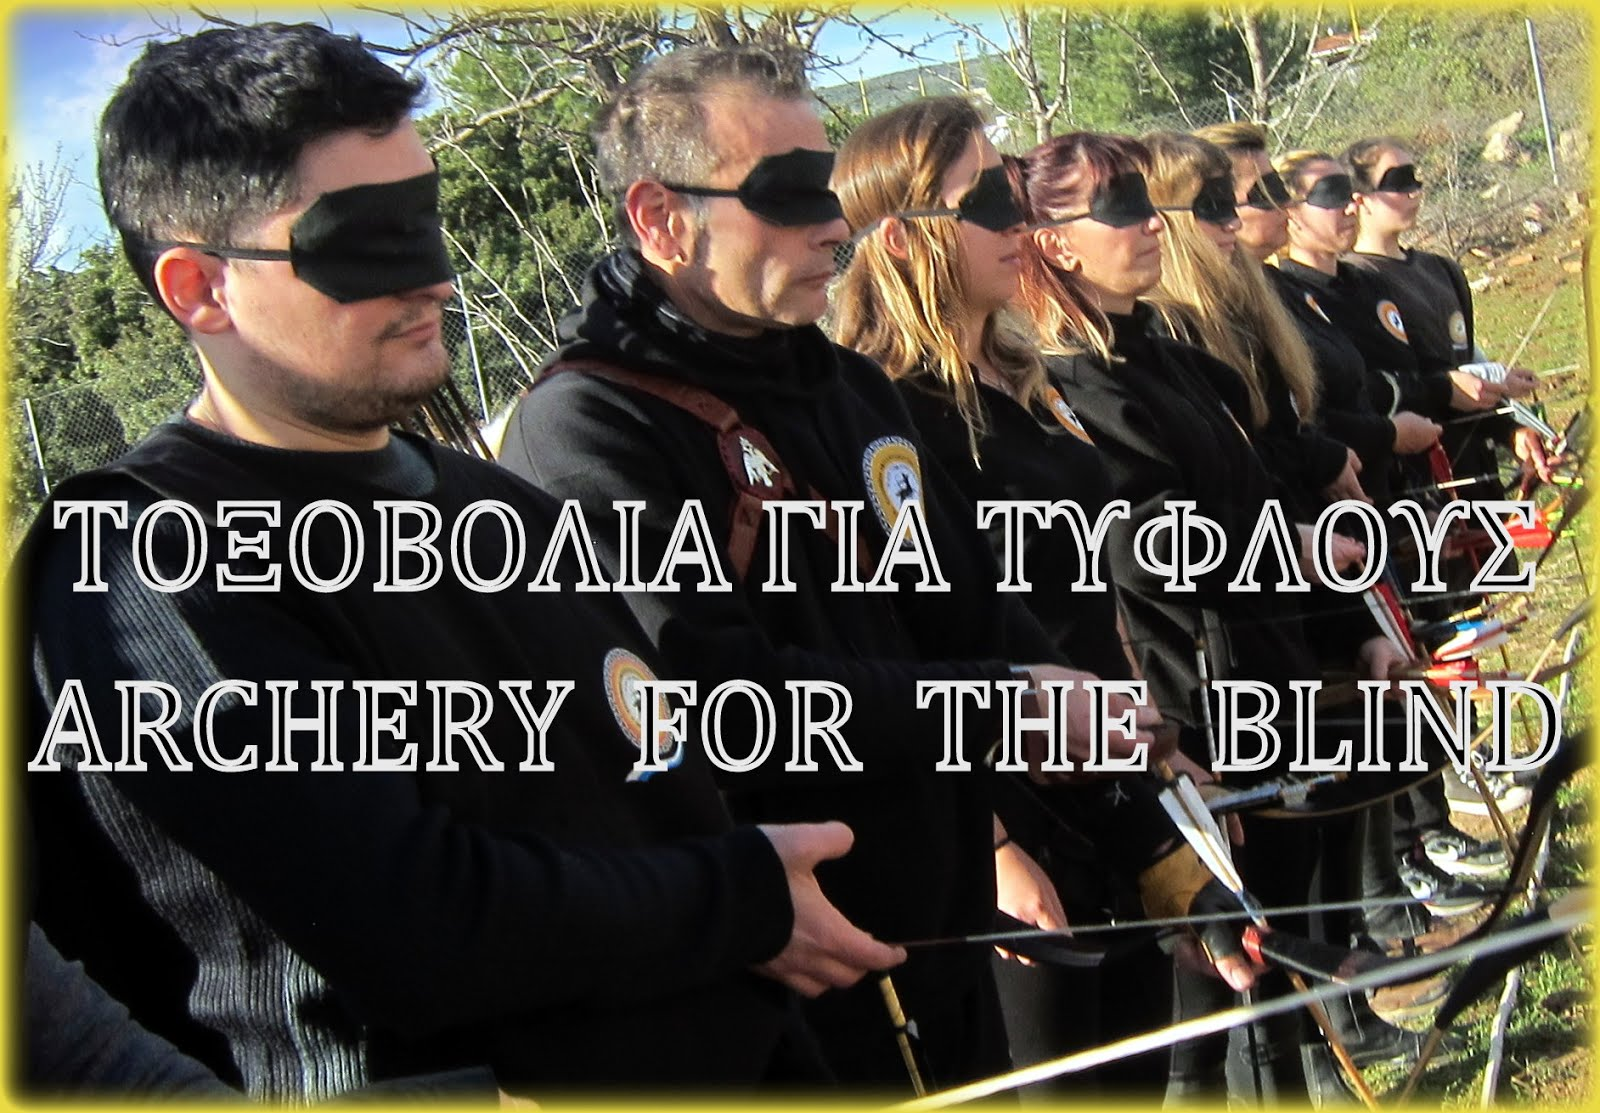 ΤΟΞΟΒΟΛΙΑ ΓΙΑ ΤΥΦΛΟΥΣ  ARCHERY FOR THE BLIND